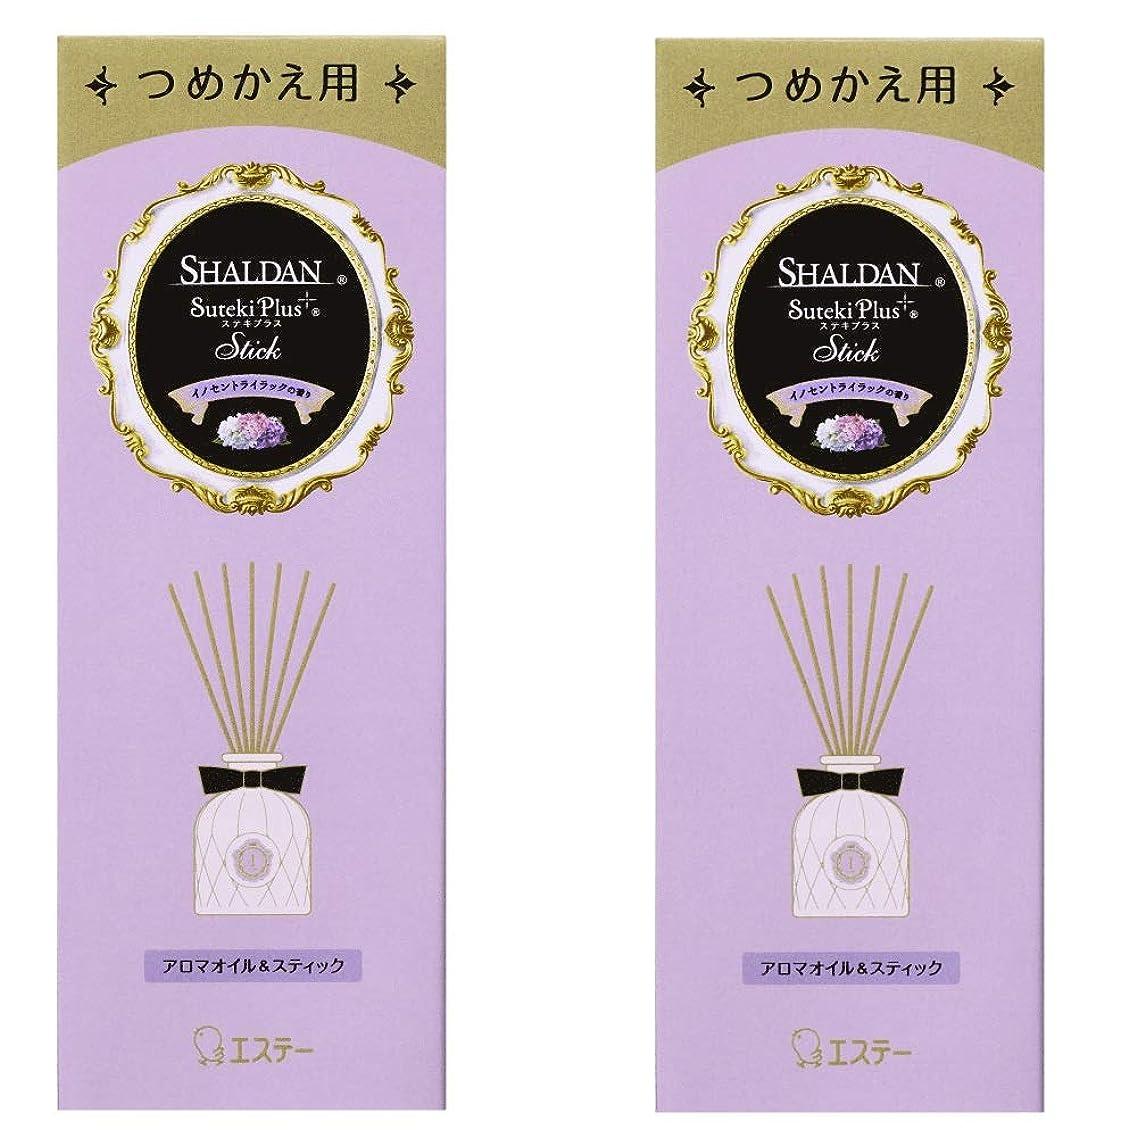 切り離すやめる静かに【まとめ買い】 シャルダン SHALDAN ステキプラス スティック 消臭芳香剤 部屋用 つめかえ イノセントライラックの香り 45ml×2個